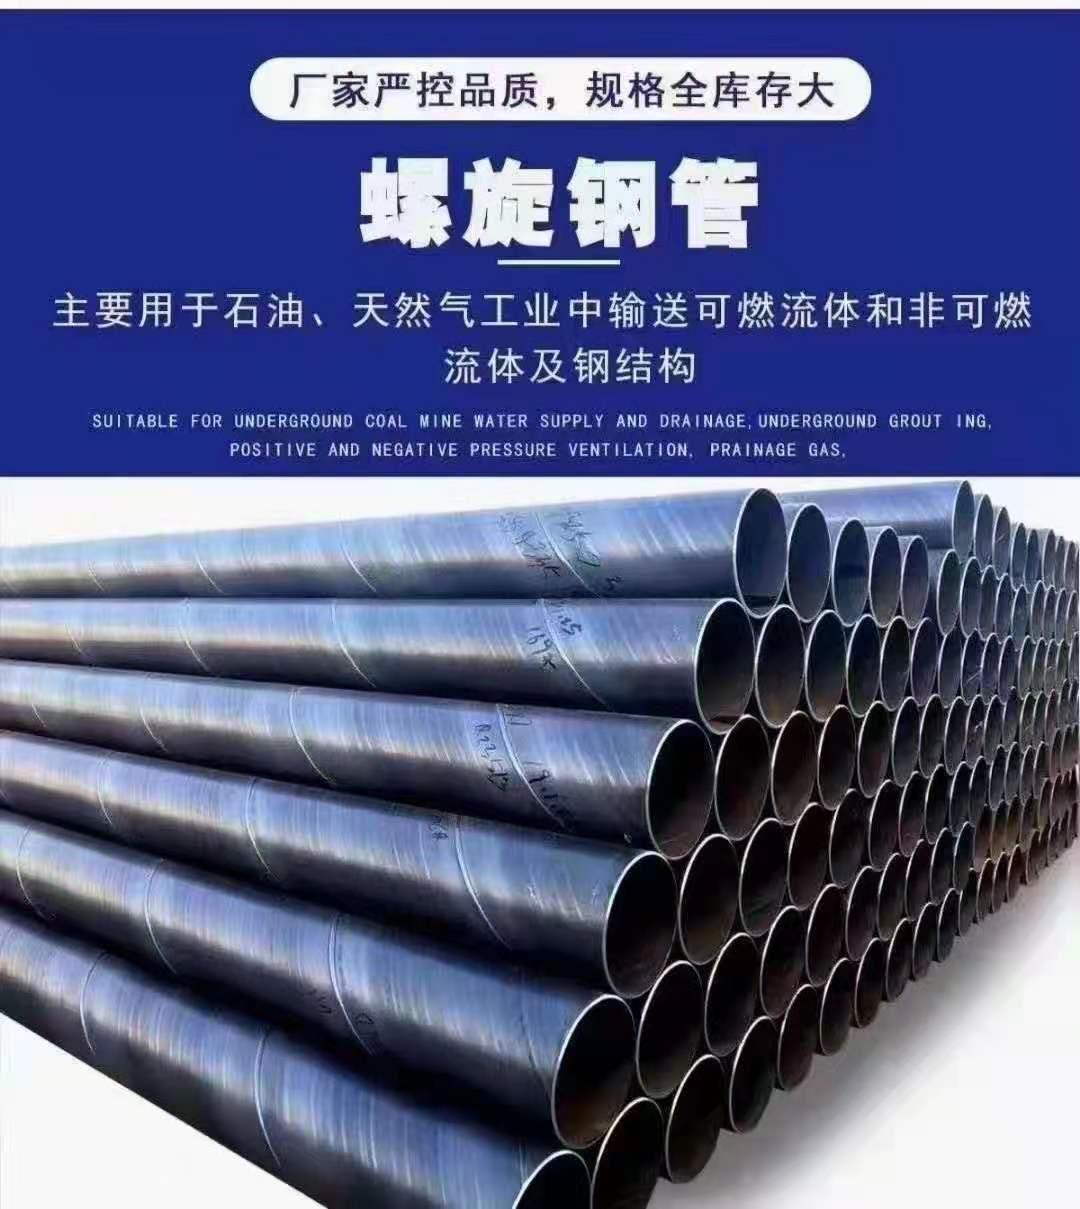 大口径273*5防腐螺旋焊管价格优惠